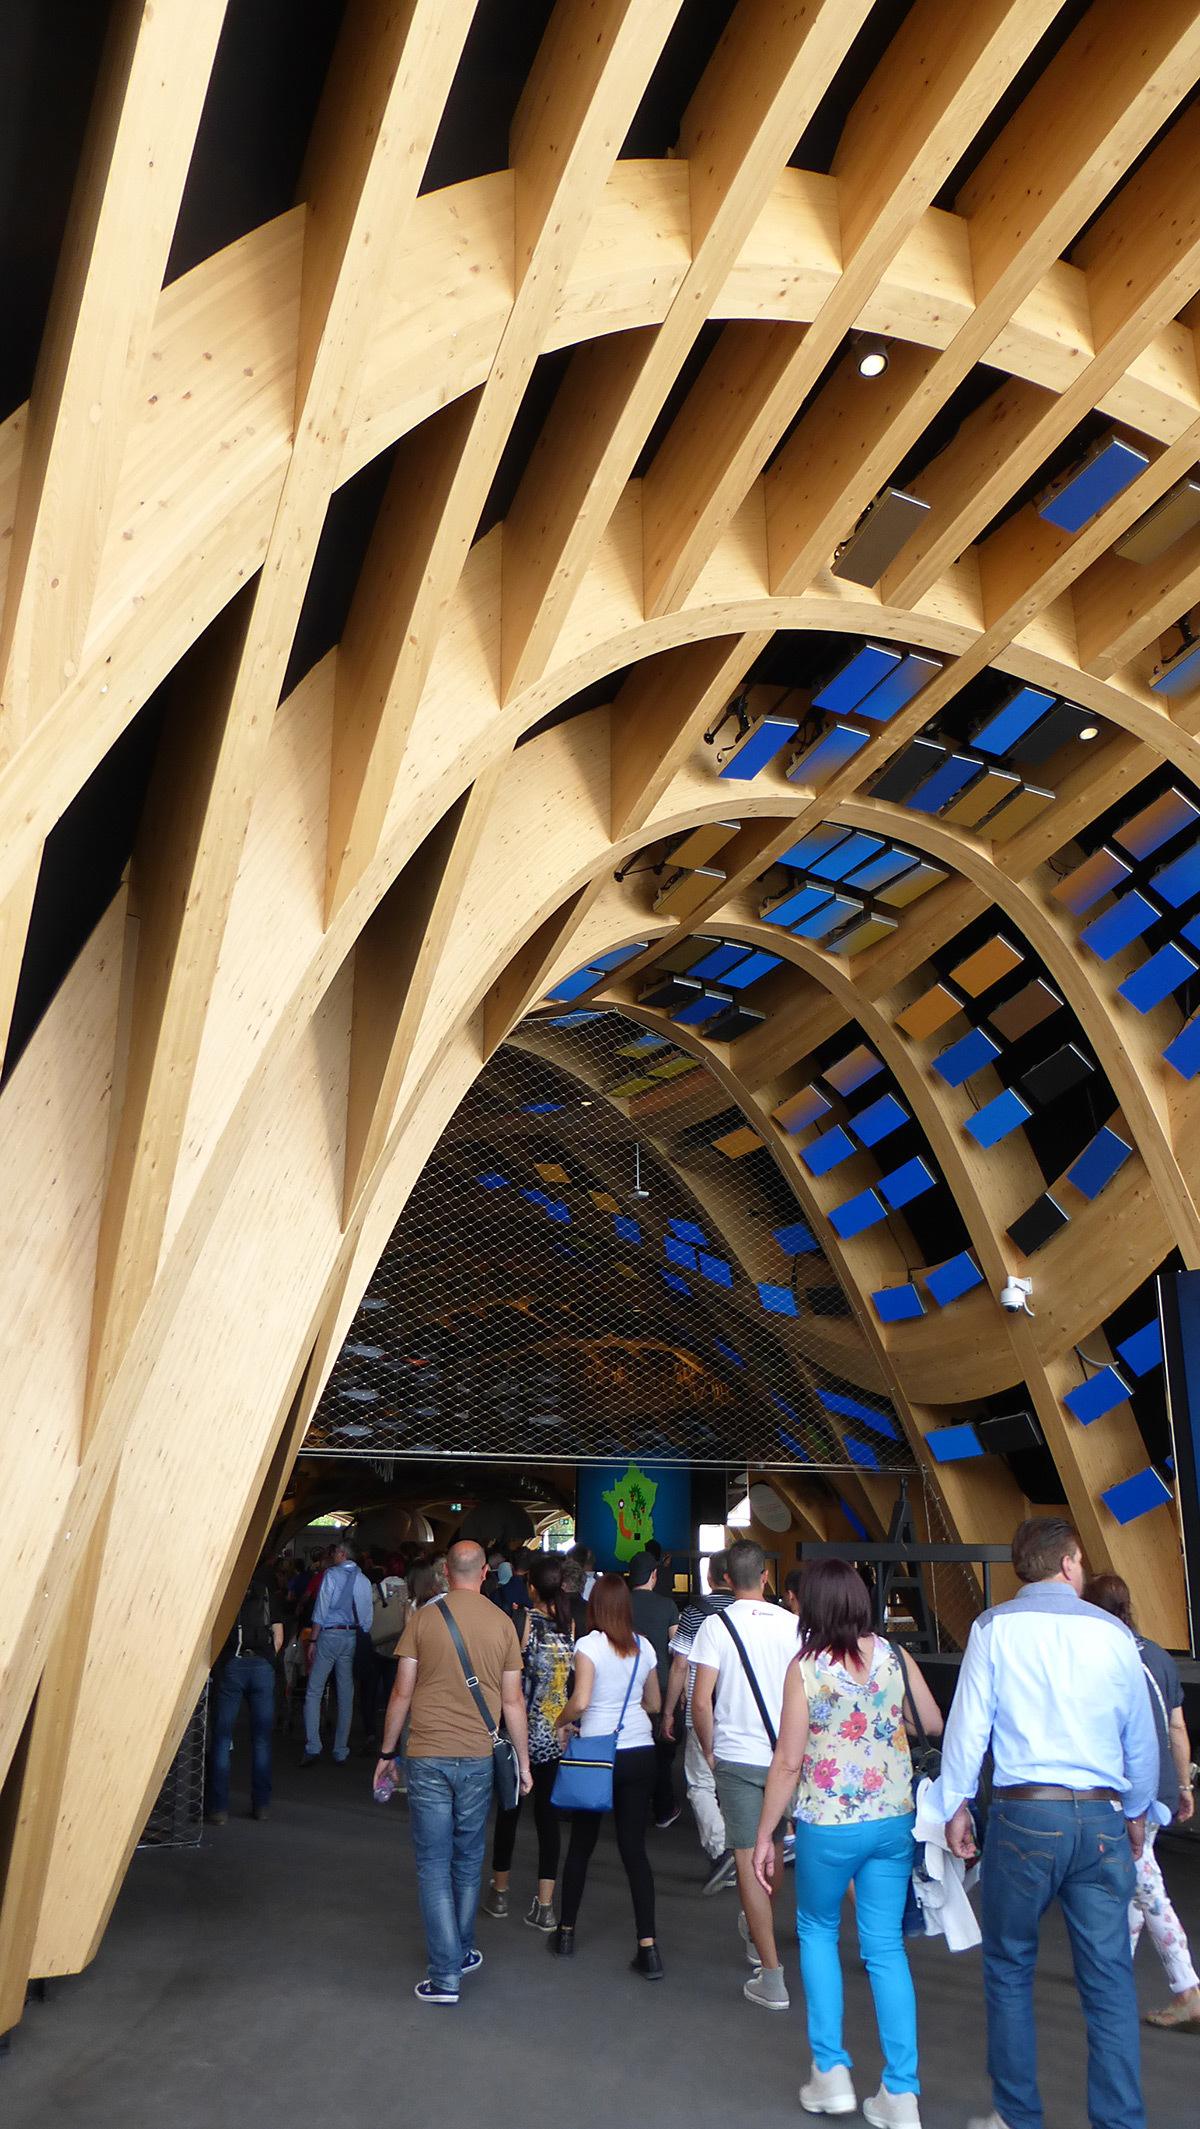 Expo 2015, Pavillon France, Milan, Italie - Entrée architecture - Architectes XTU - Scénographie Adeline Rispal - Conception Lumiere Licht Kunst Licht - Photo Vincent Laganier